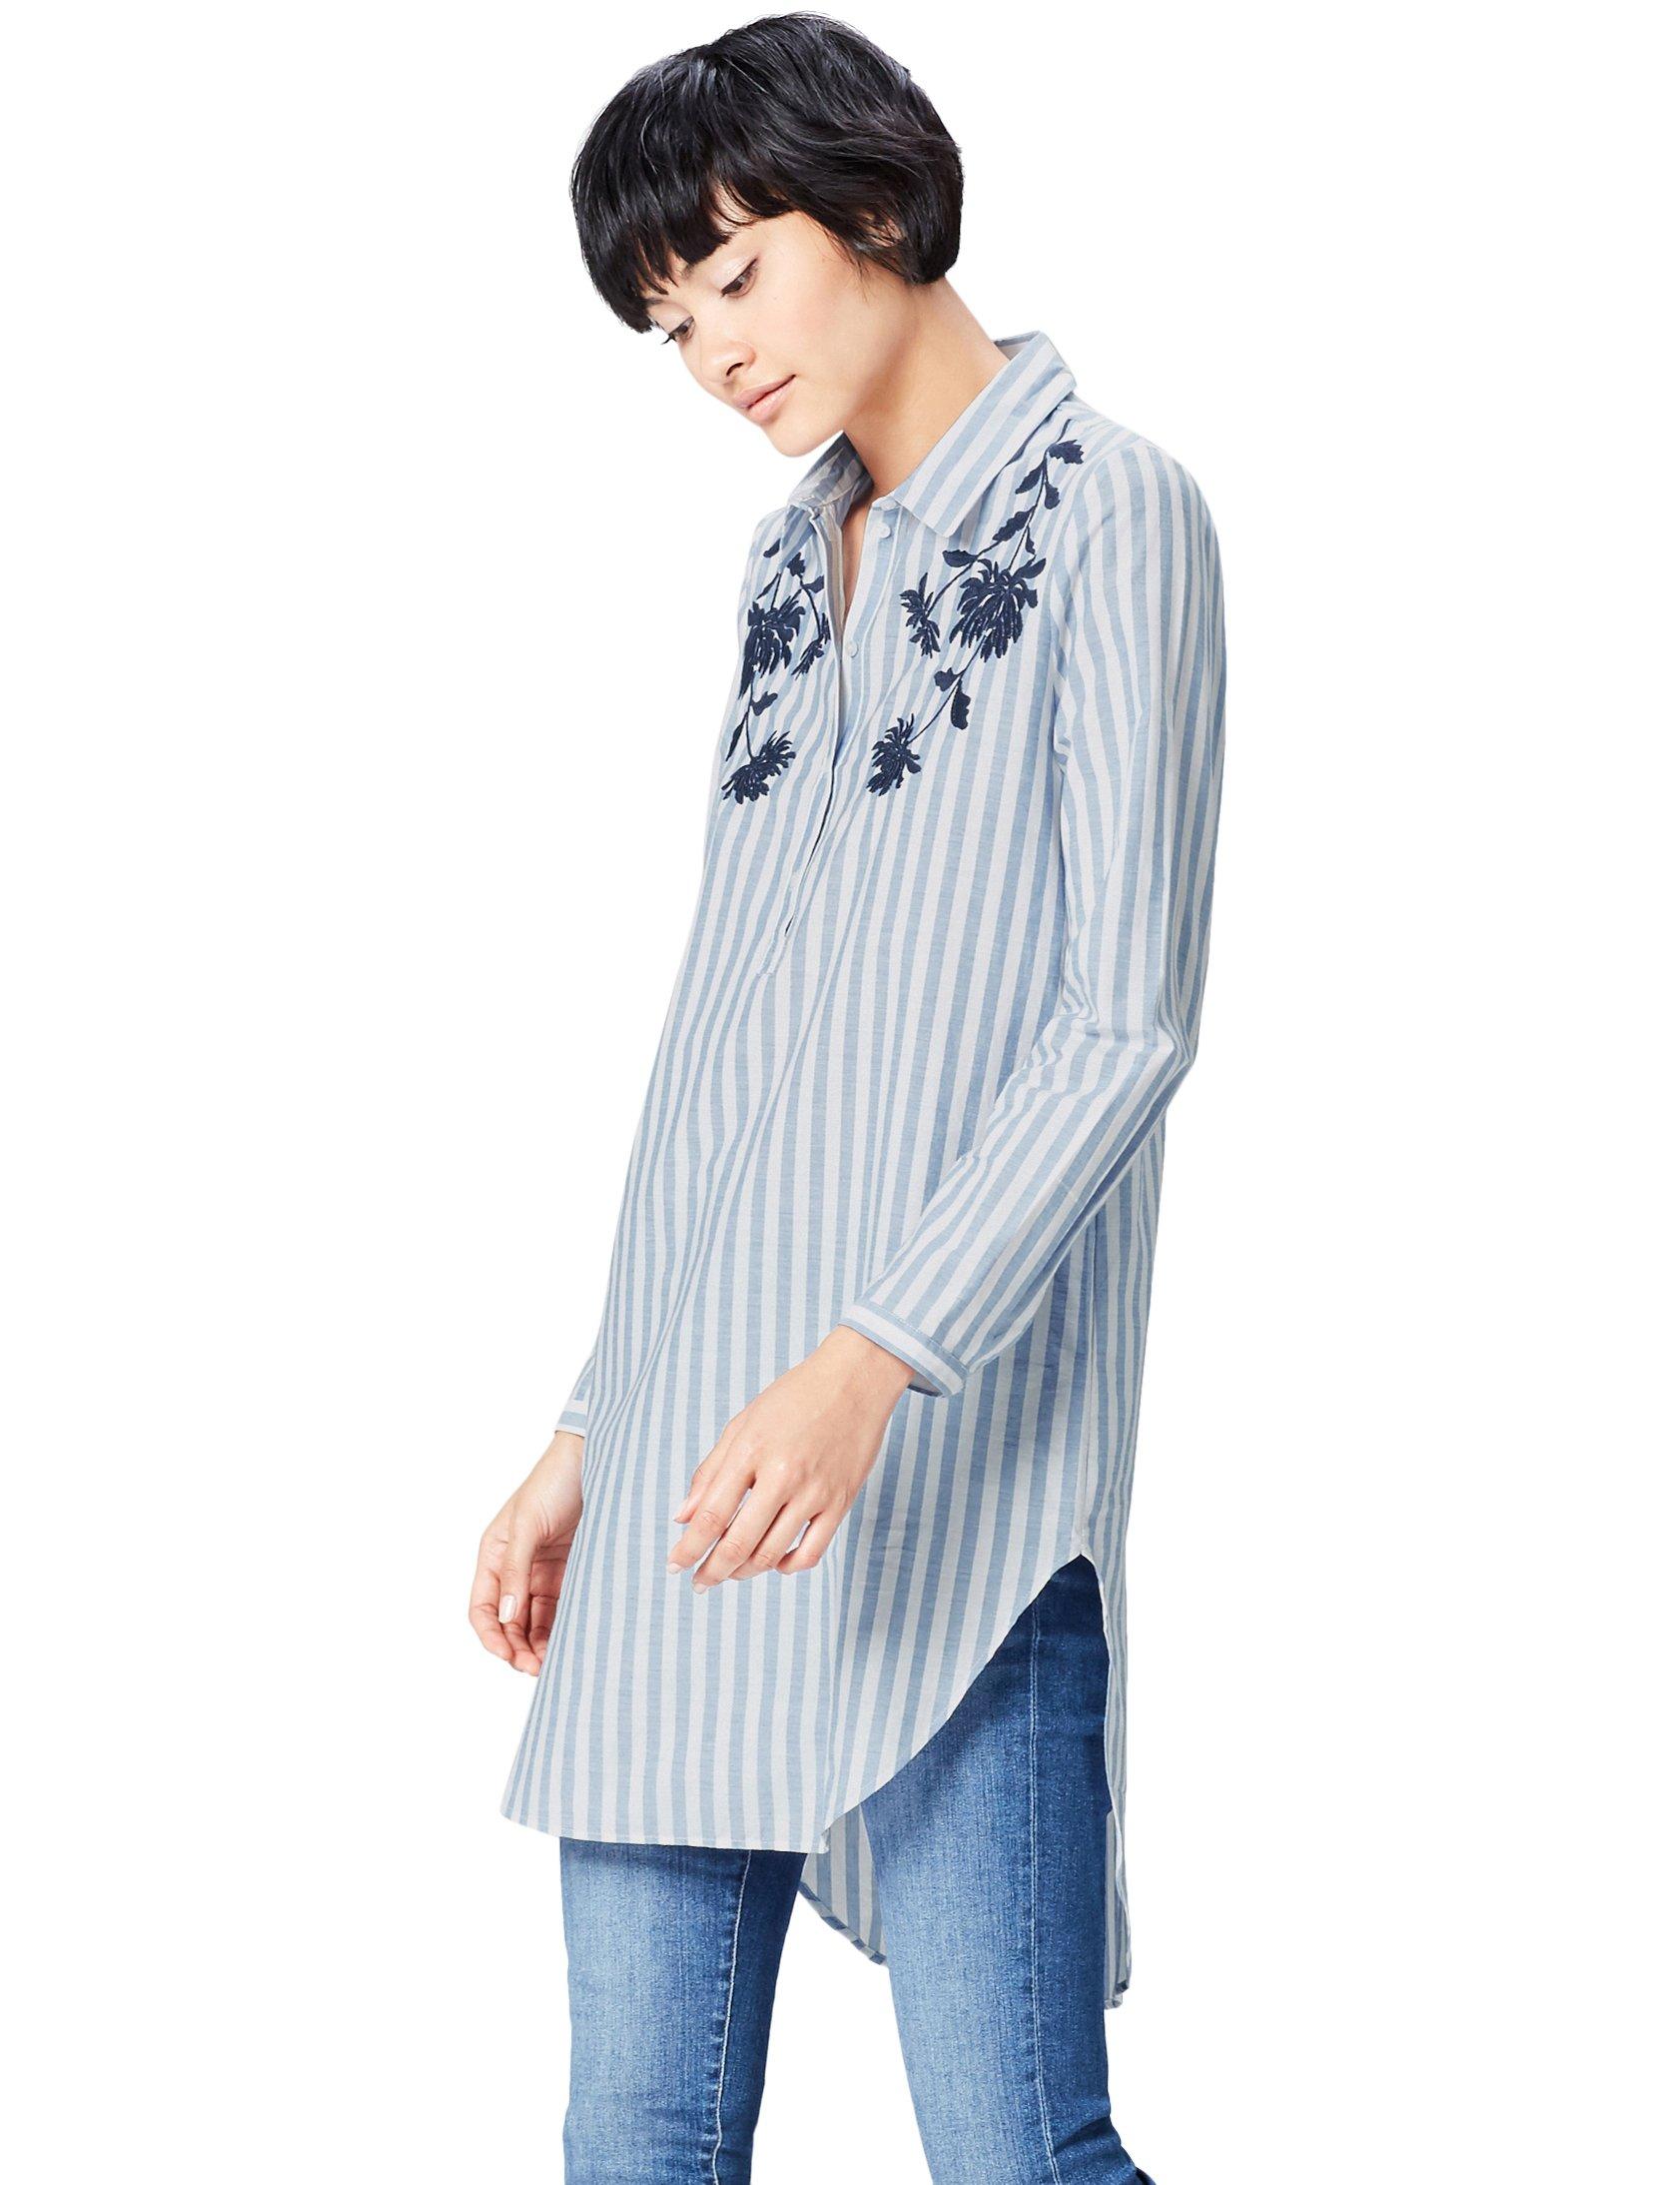 FIND Clothing: Amazon.co.uk